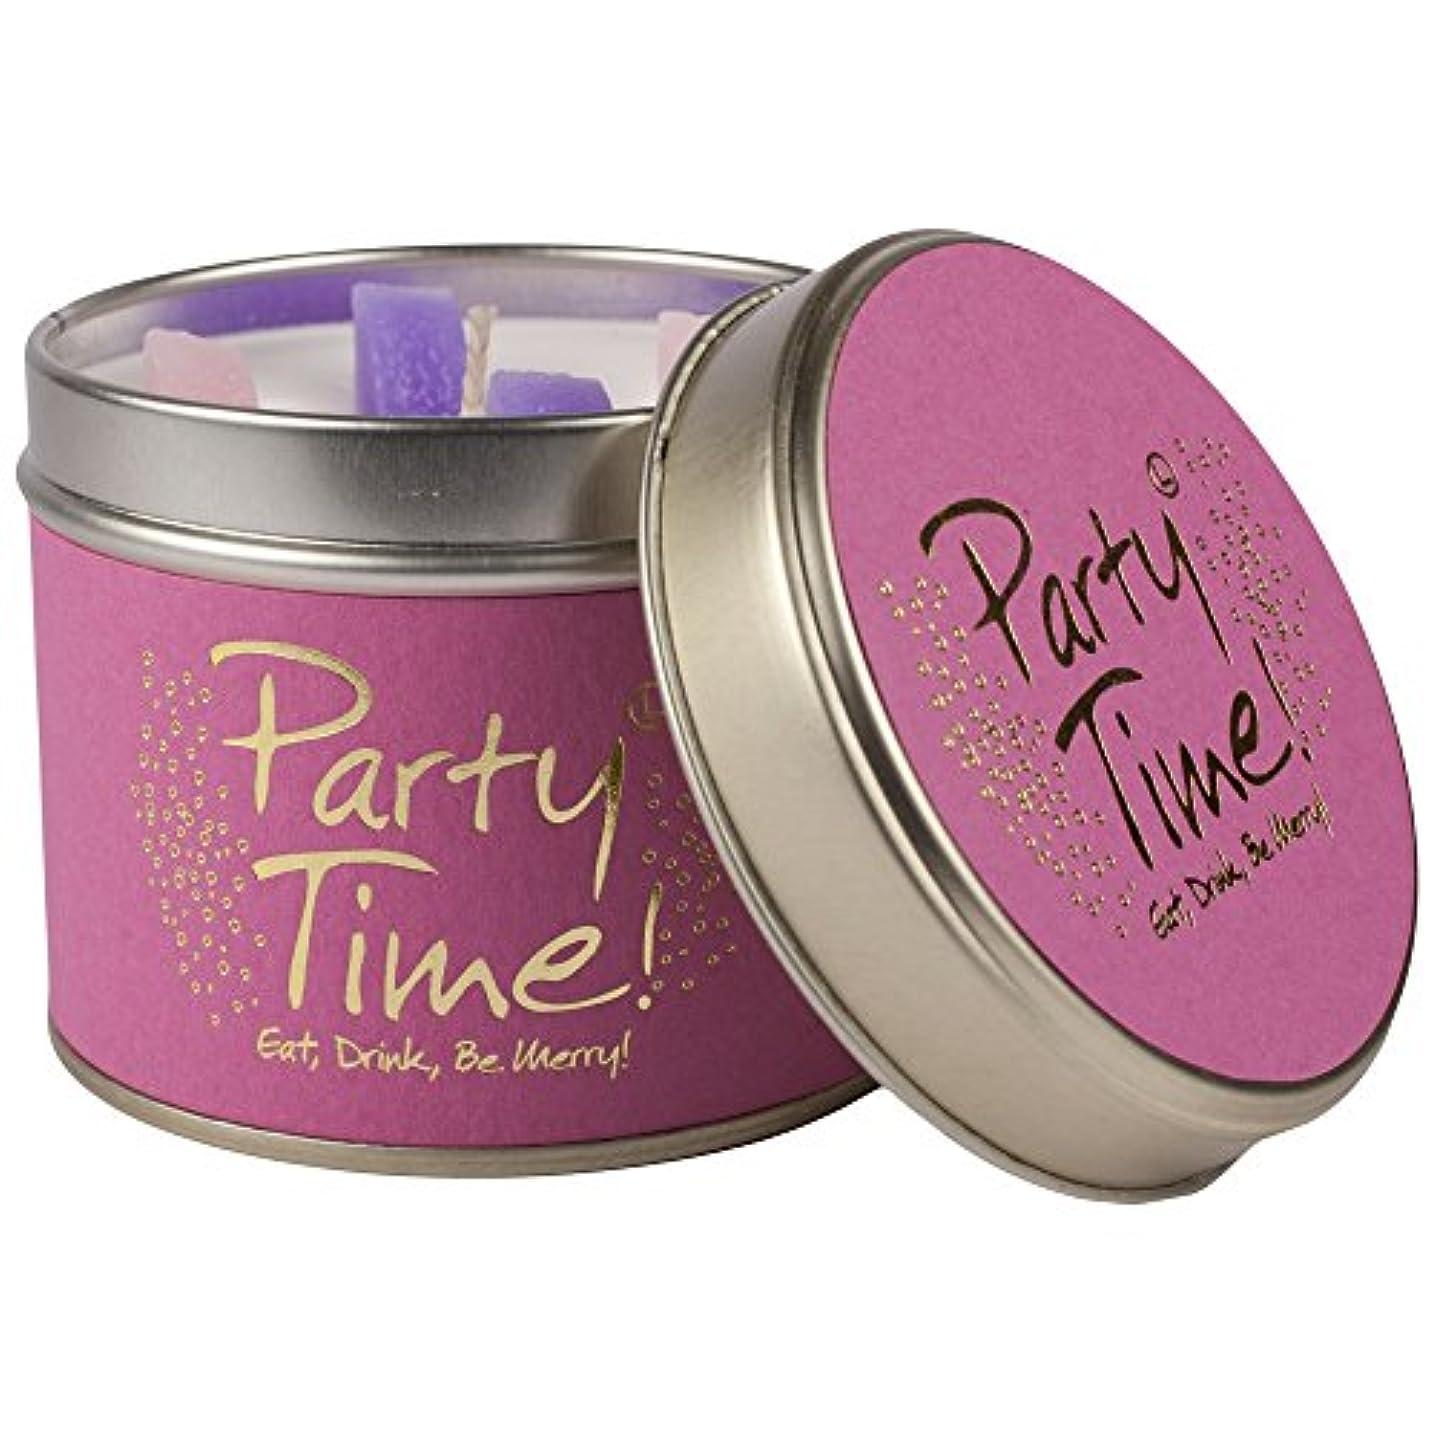 用量レイプバルーンLily-Flame Party Time Scented Candle Tin (Pack of 2) - ユリ炎パーティーの時間香りのキャンドルスズ (Lily-Flame) (x2) [並行輸入品]